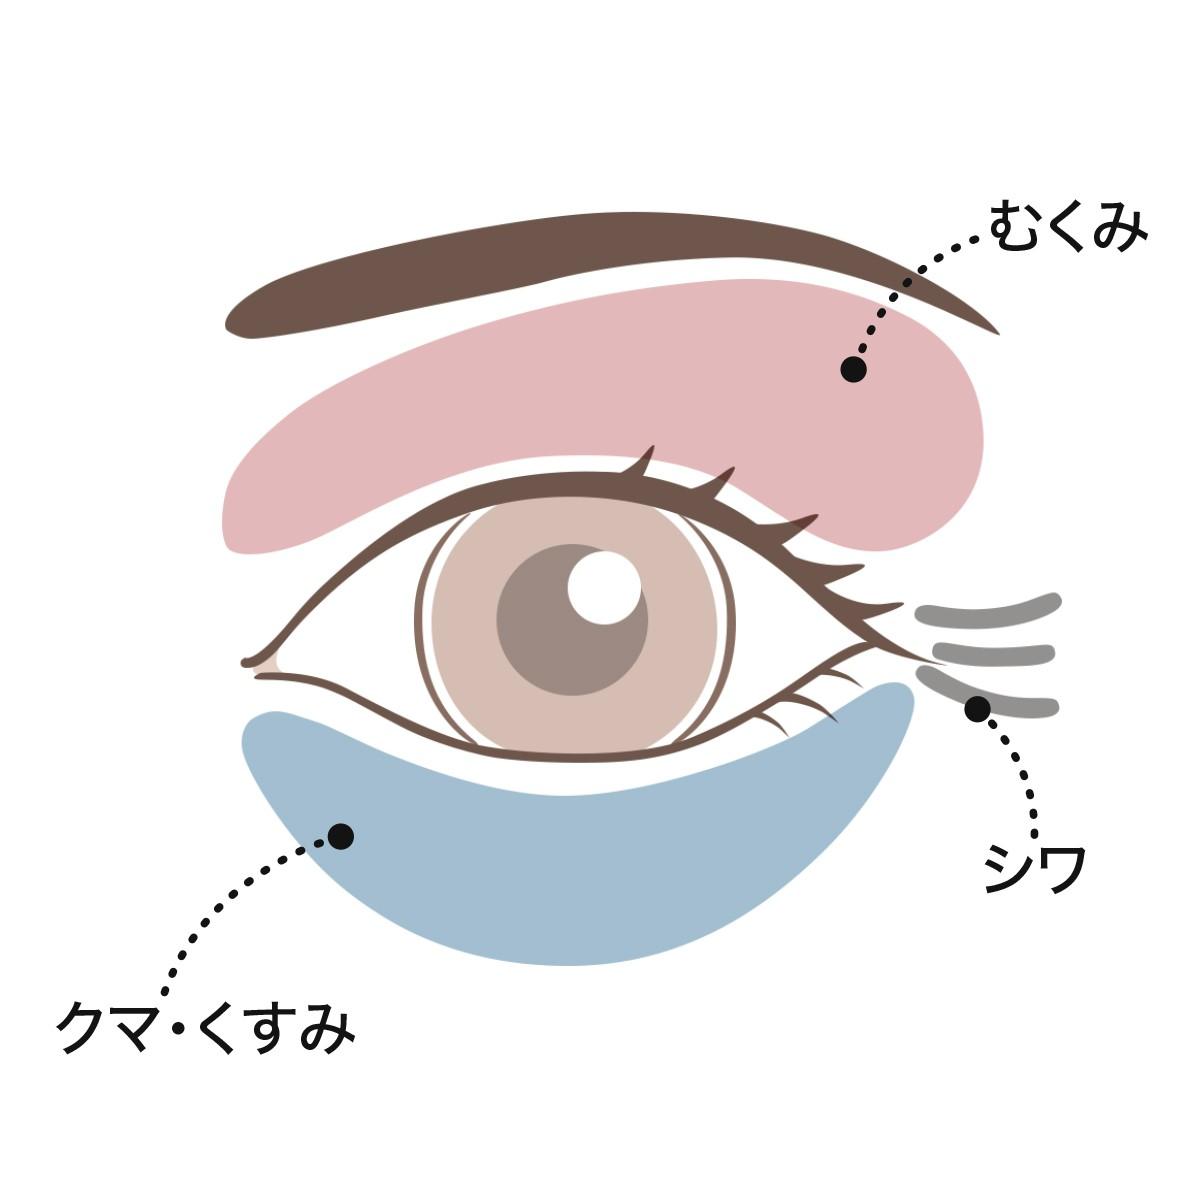 """目元の三大お悩み""""シワ、クマ、むくみ""""のお悩み解消法!"""